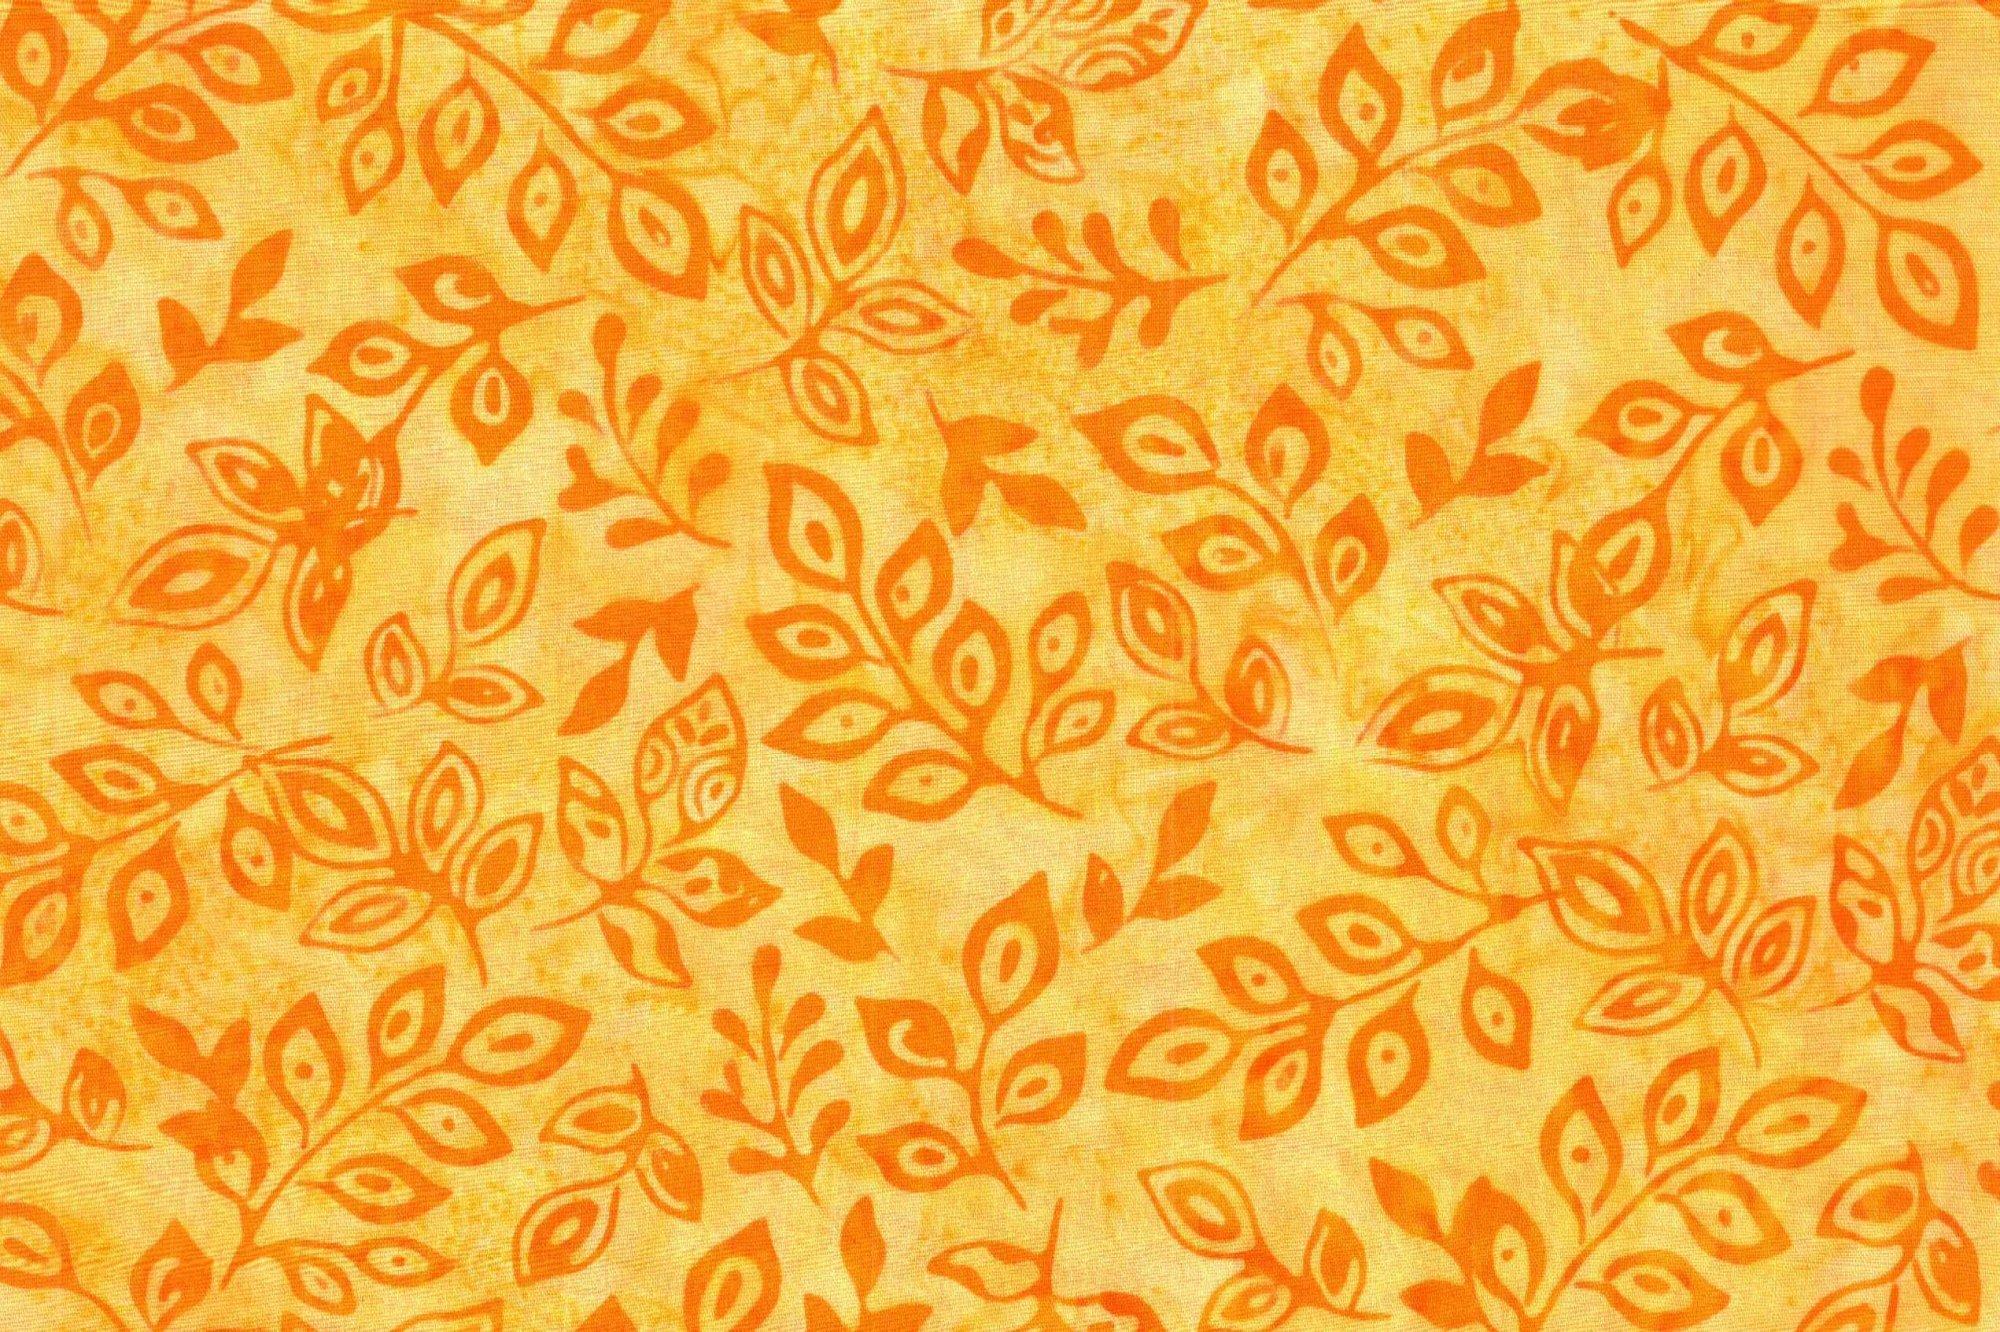 N HOFFMAN K 2438-9 YELLOW FLOWERS